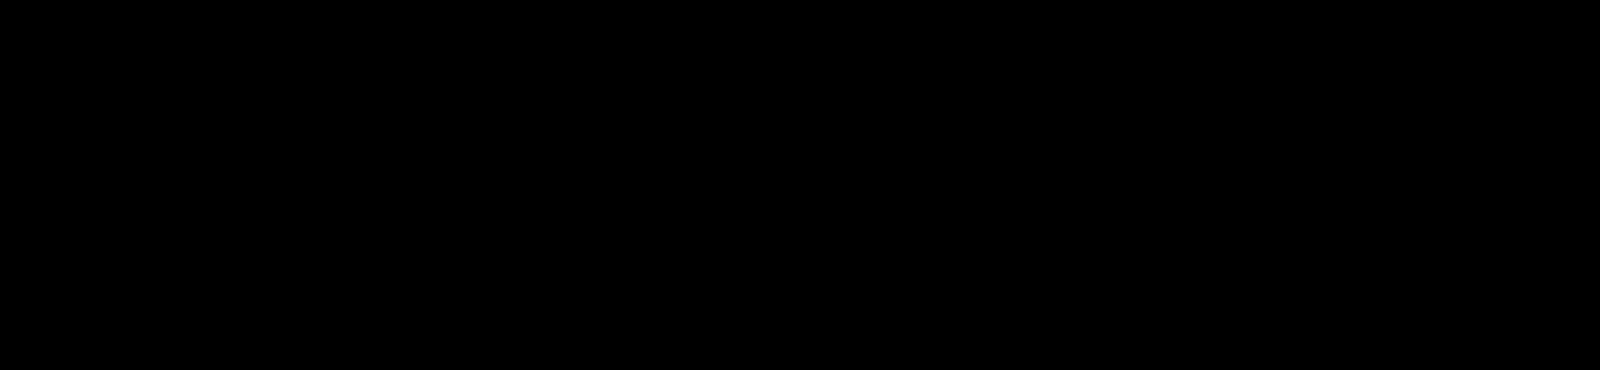 音楽と釣りのロゴ